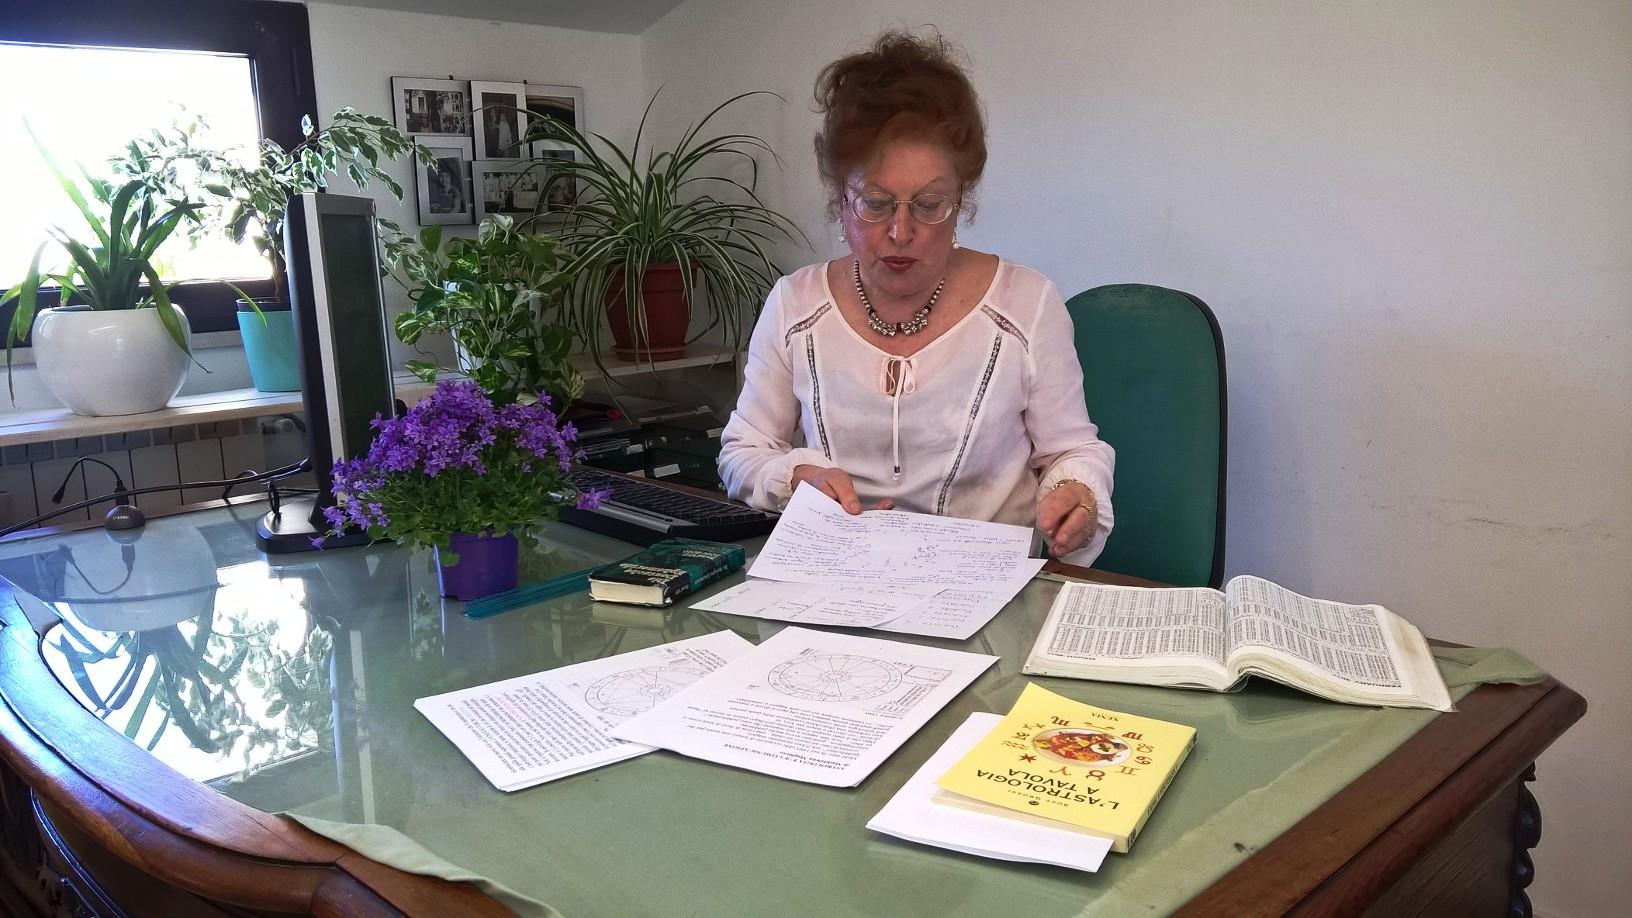 SUSY GROSSI RACCONTA I SEGNI DAL 15 AL 21 MAGGIO 2017